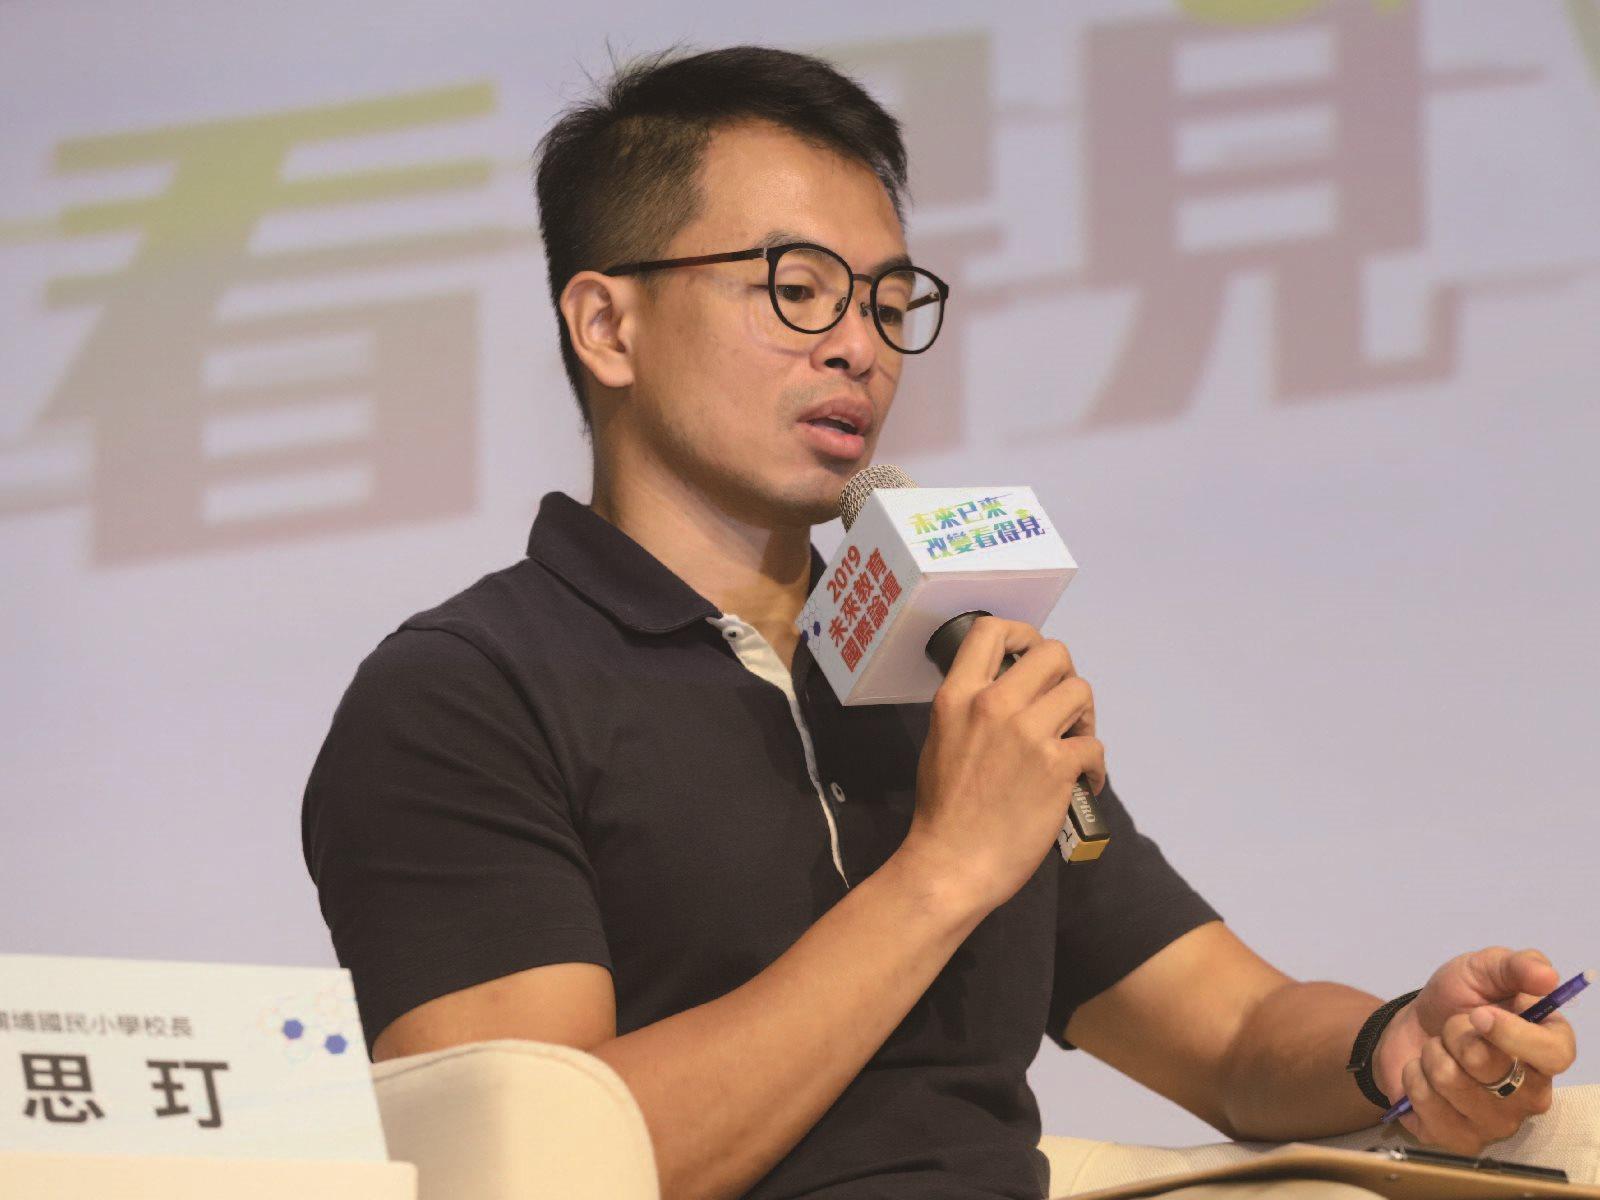 三峽返鄉青年林峻丞,一個十年前開始的故事,然後呢?